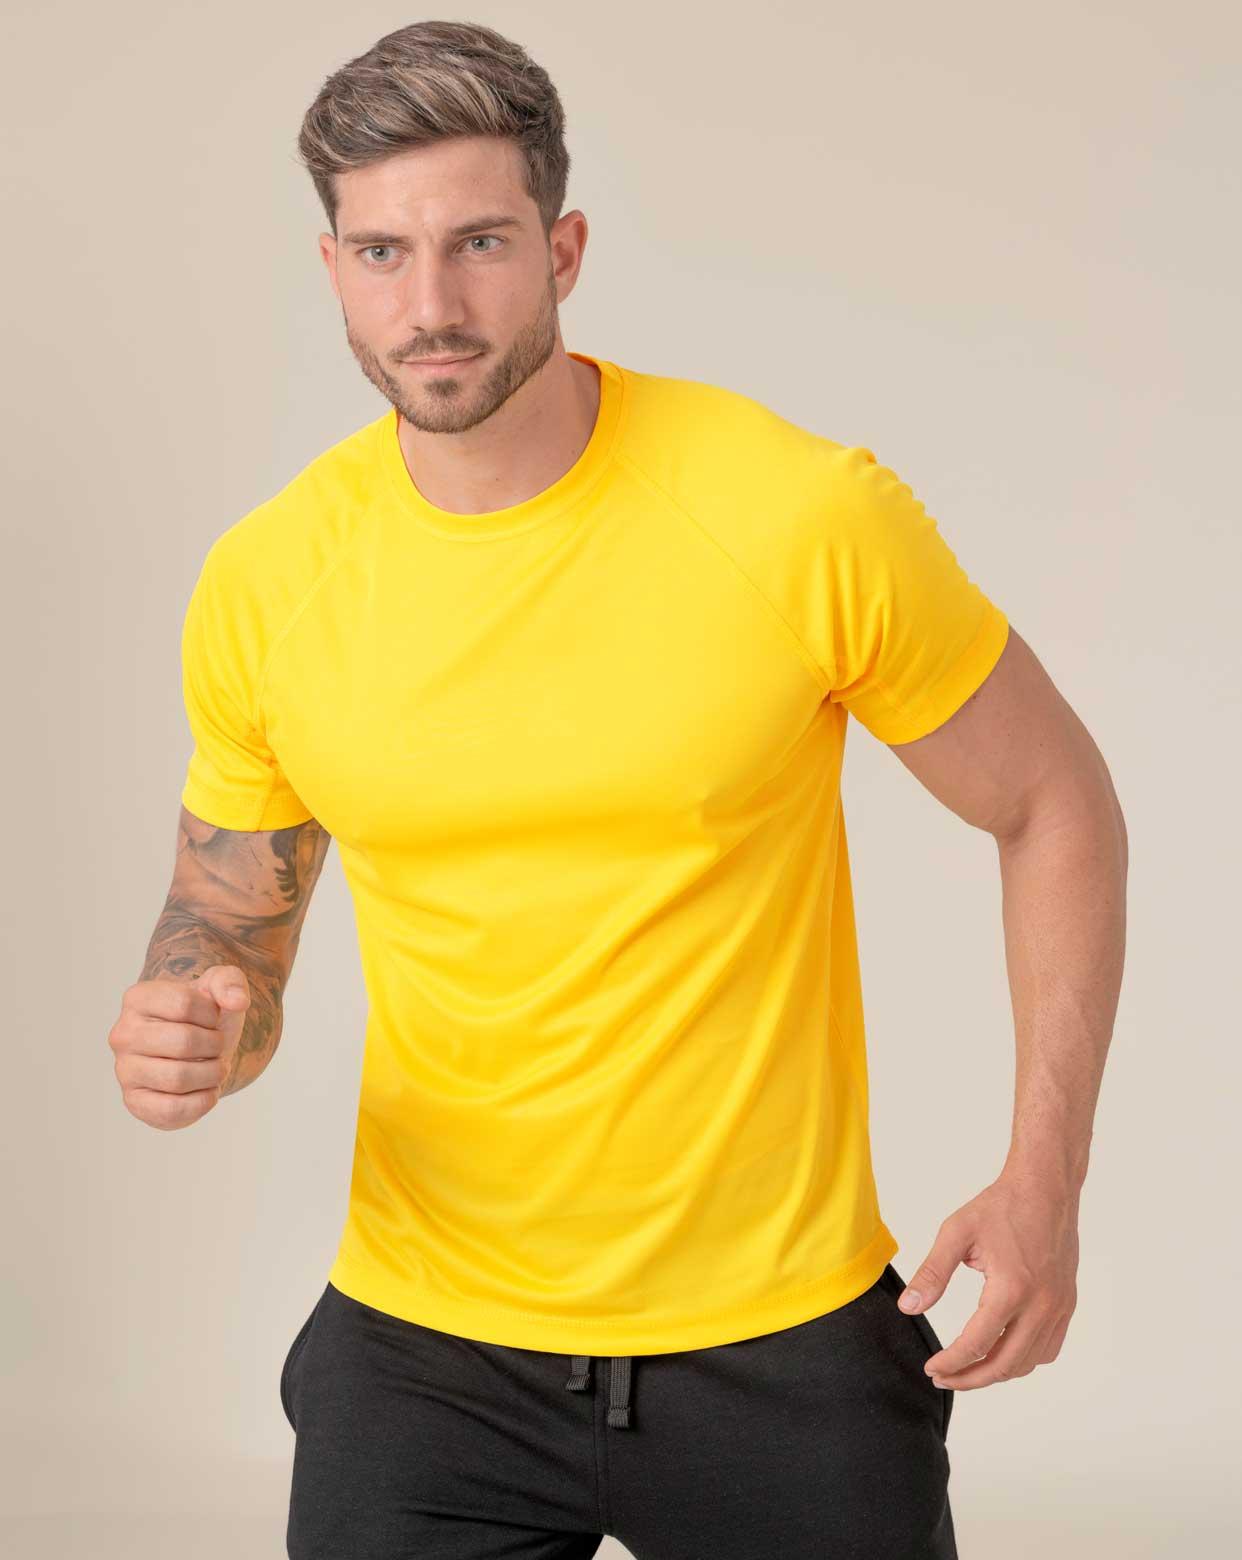 6aaf99be599e69 Sport T-Shirt Man